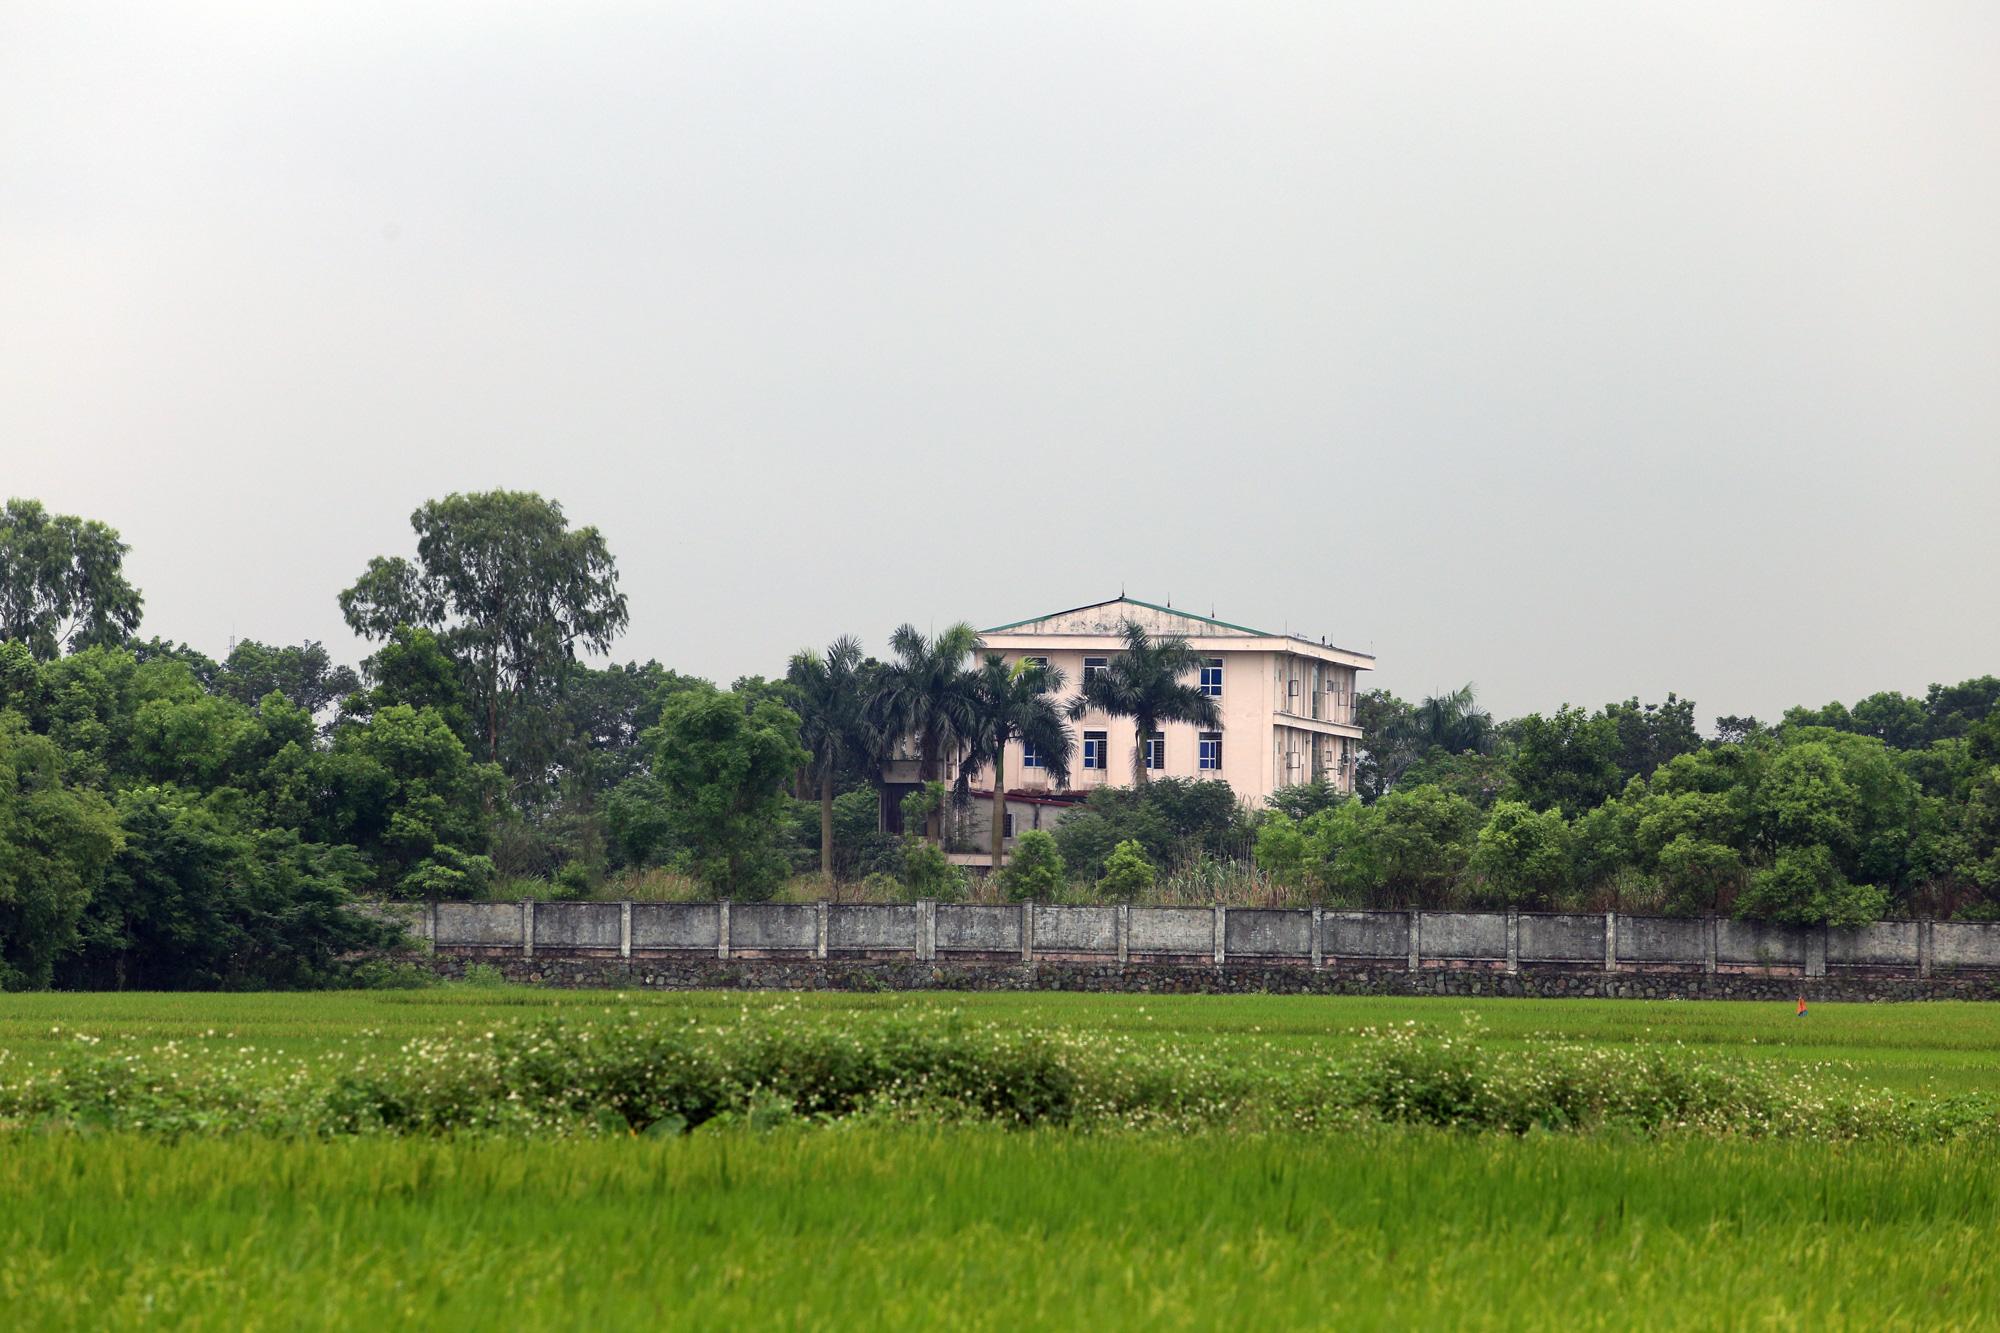 Sửa bệnh viên bỏ hoang ở Mê Linh để làm khu cách li chống dịch Covid-19 - Ảnh 1.